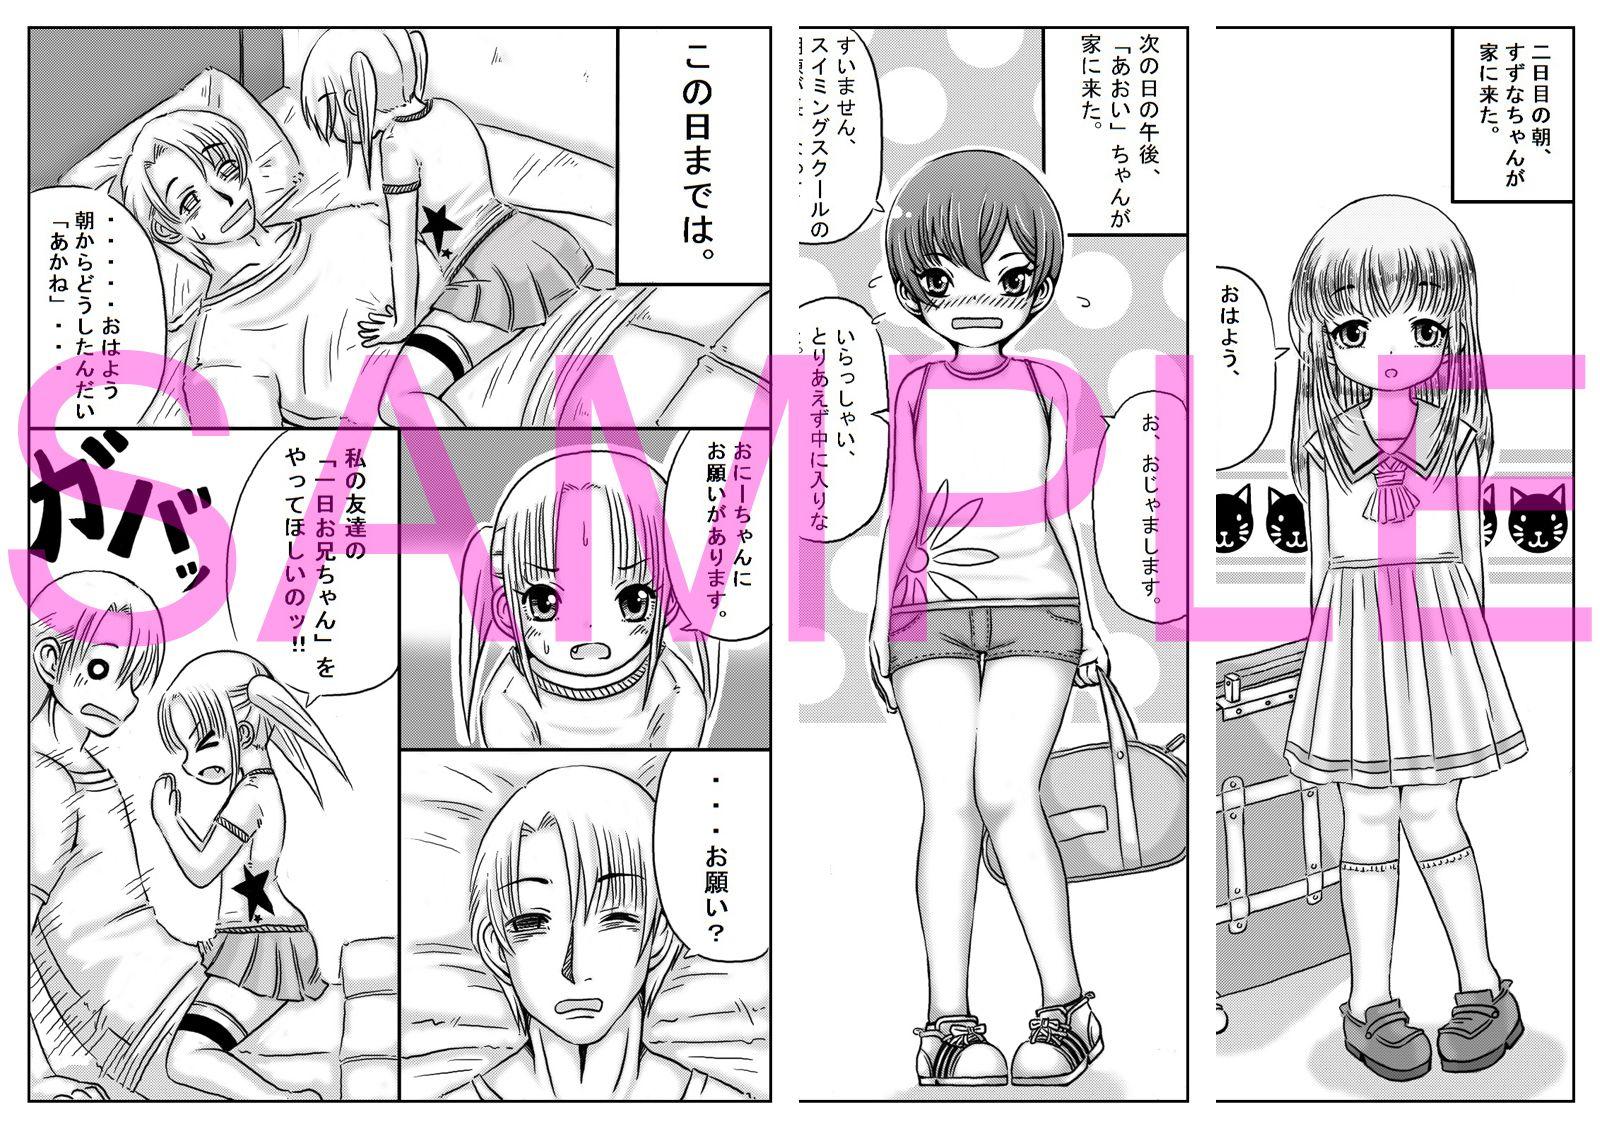 【少女 4P】ツインテールな貧乳の少女実妹義妹の4Pアナルラブコメの同人エロ漫画!!